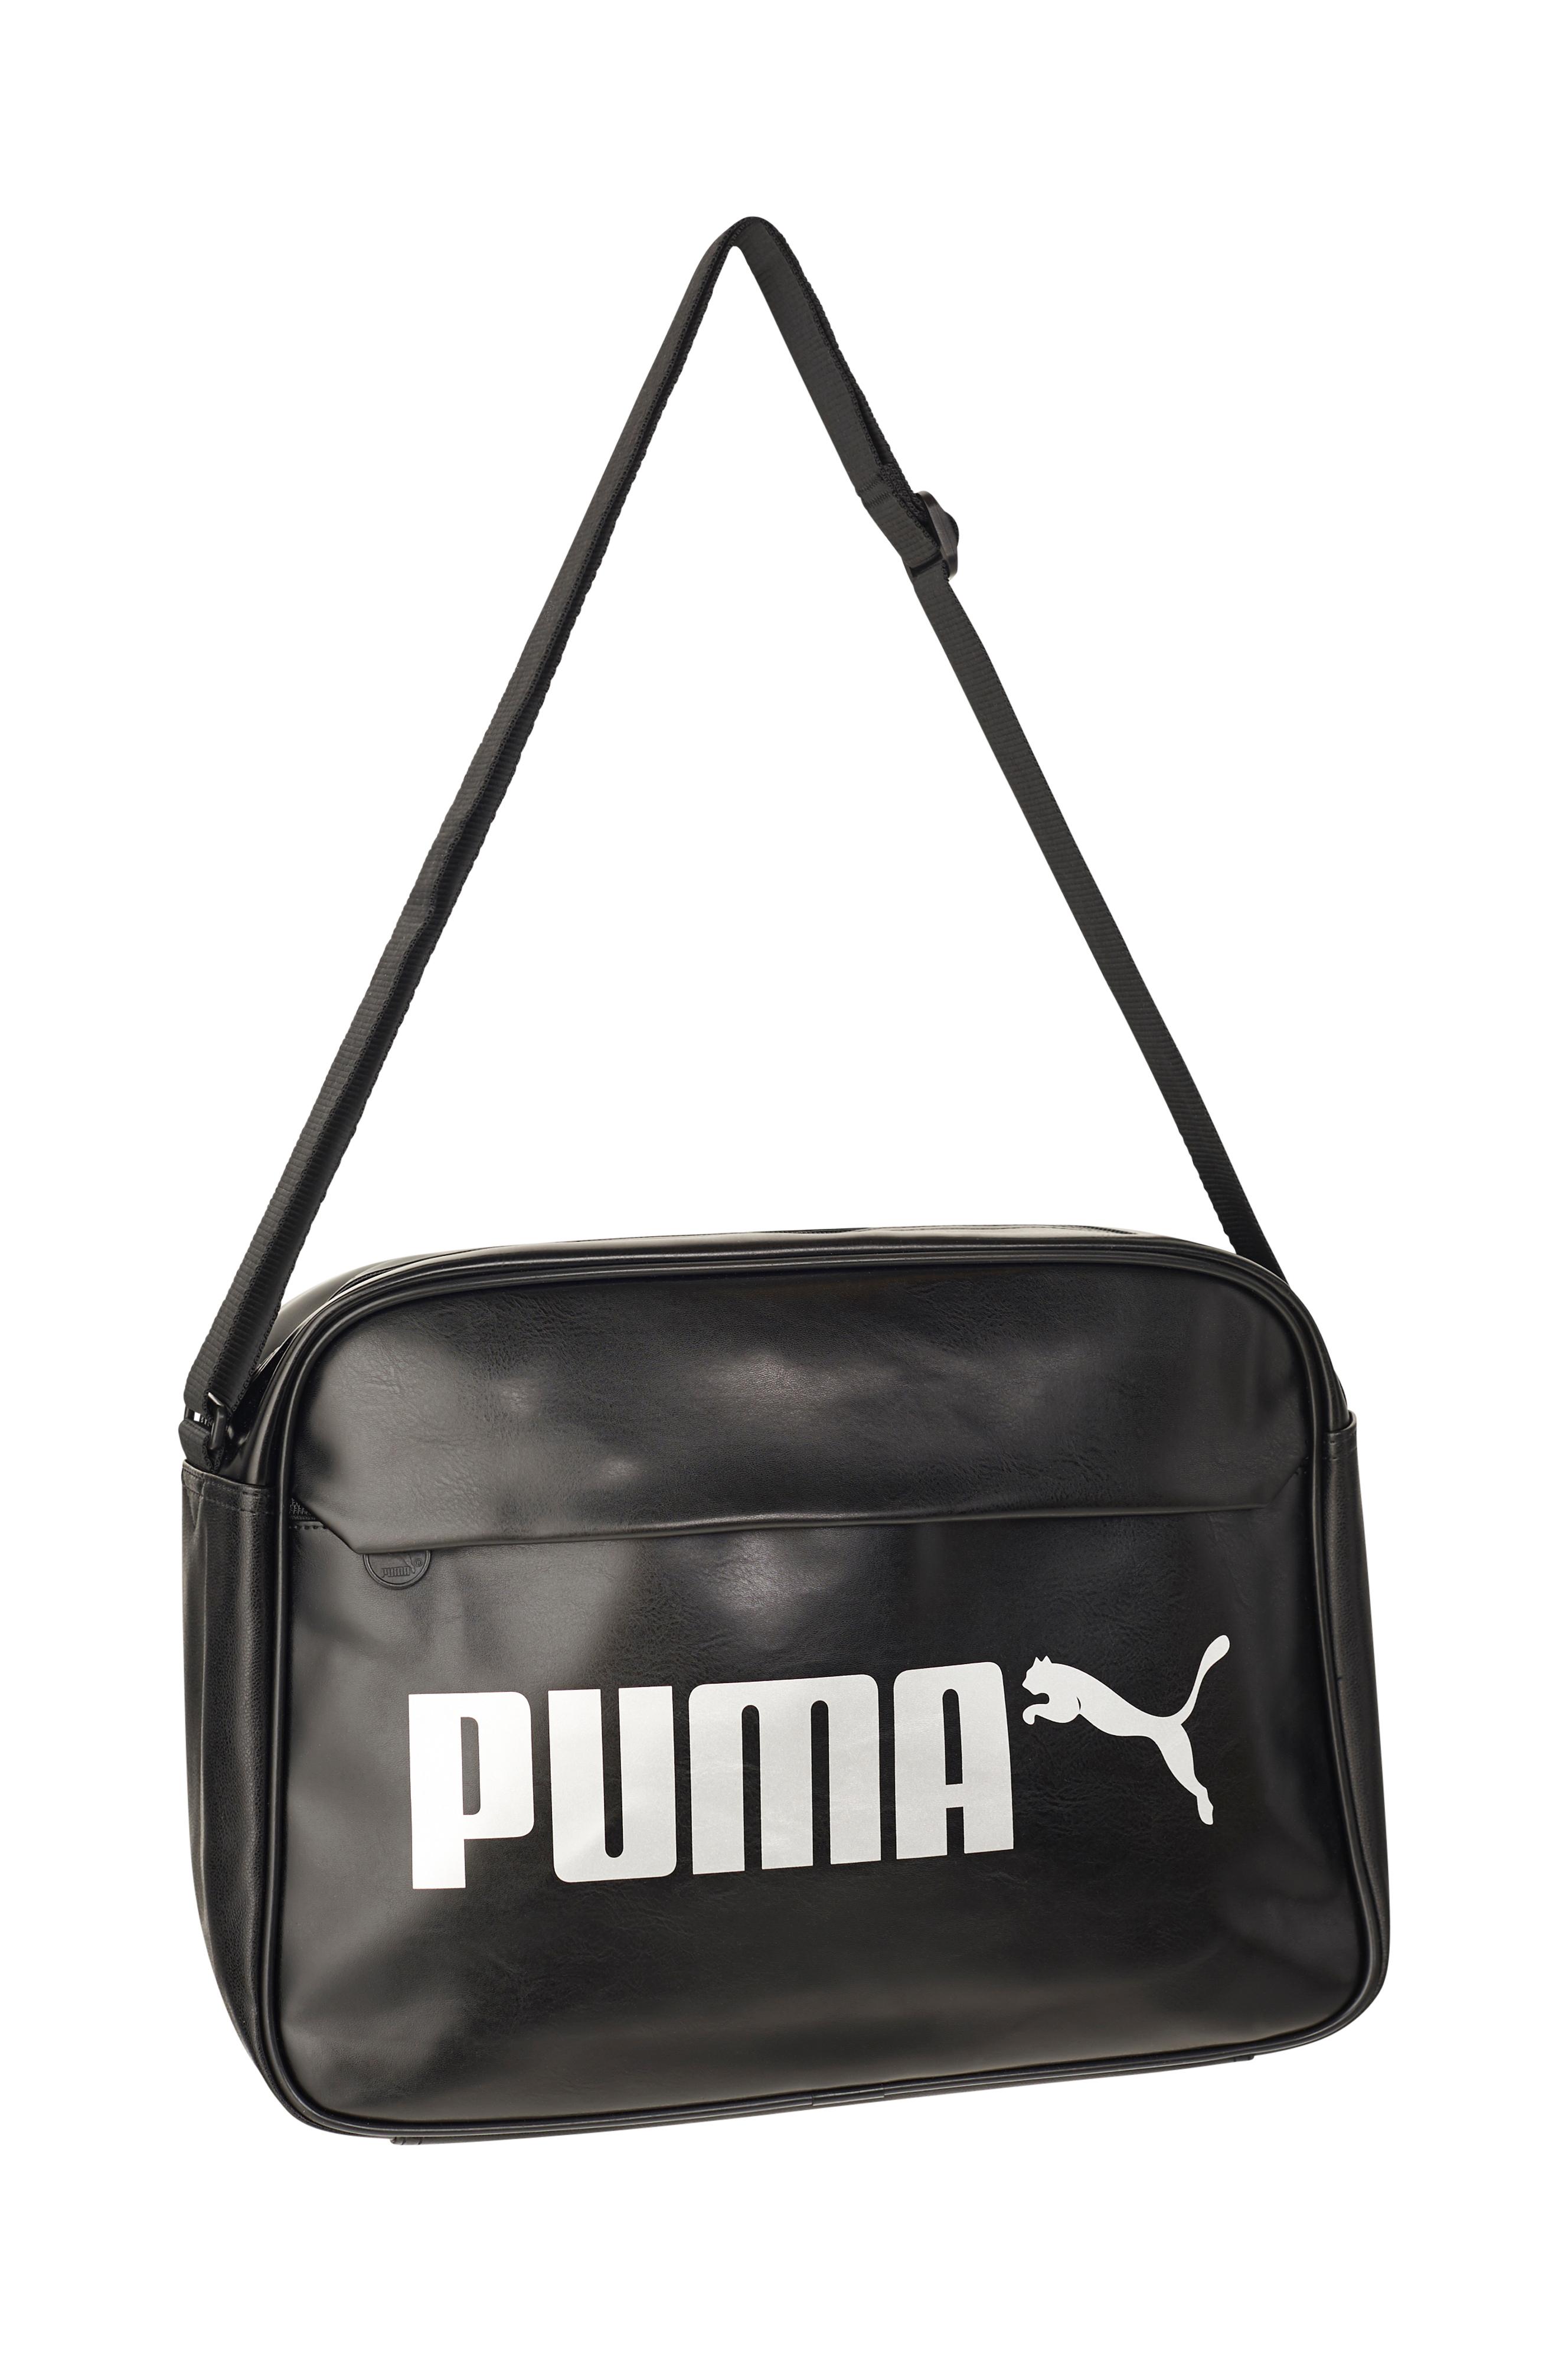 44843d5c0a1 Puma Väska Campus Reporter - Svart - Dam - Ellos.se